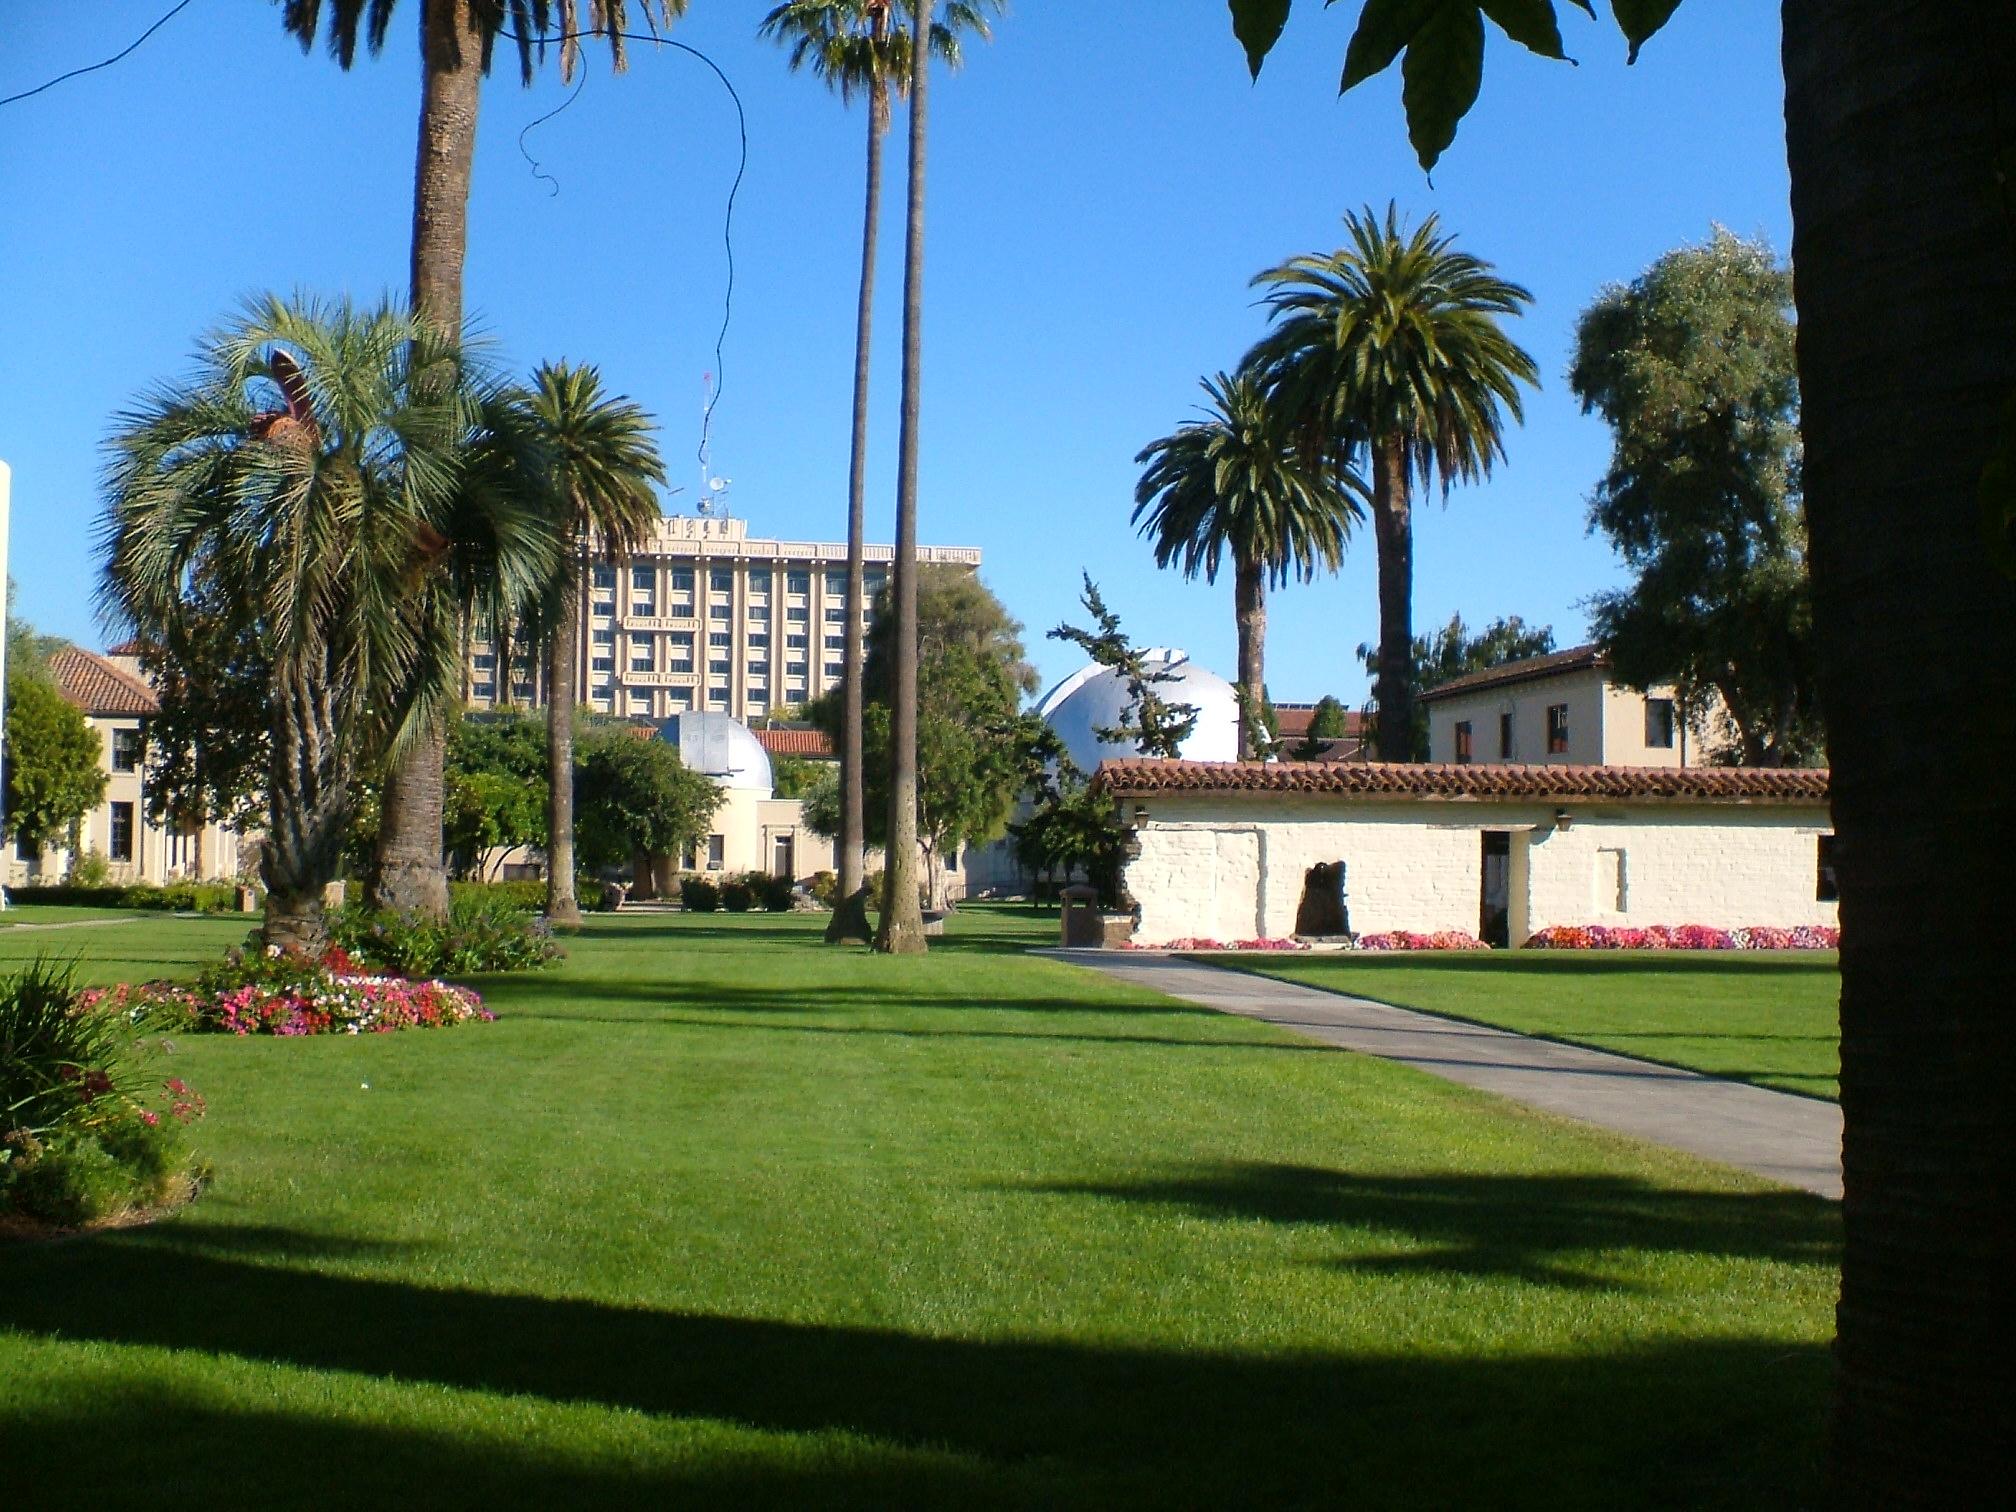 Universidad de Santa Clara